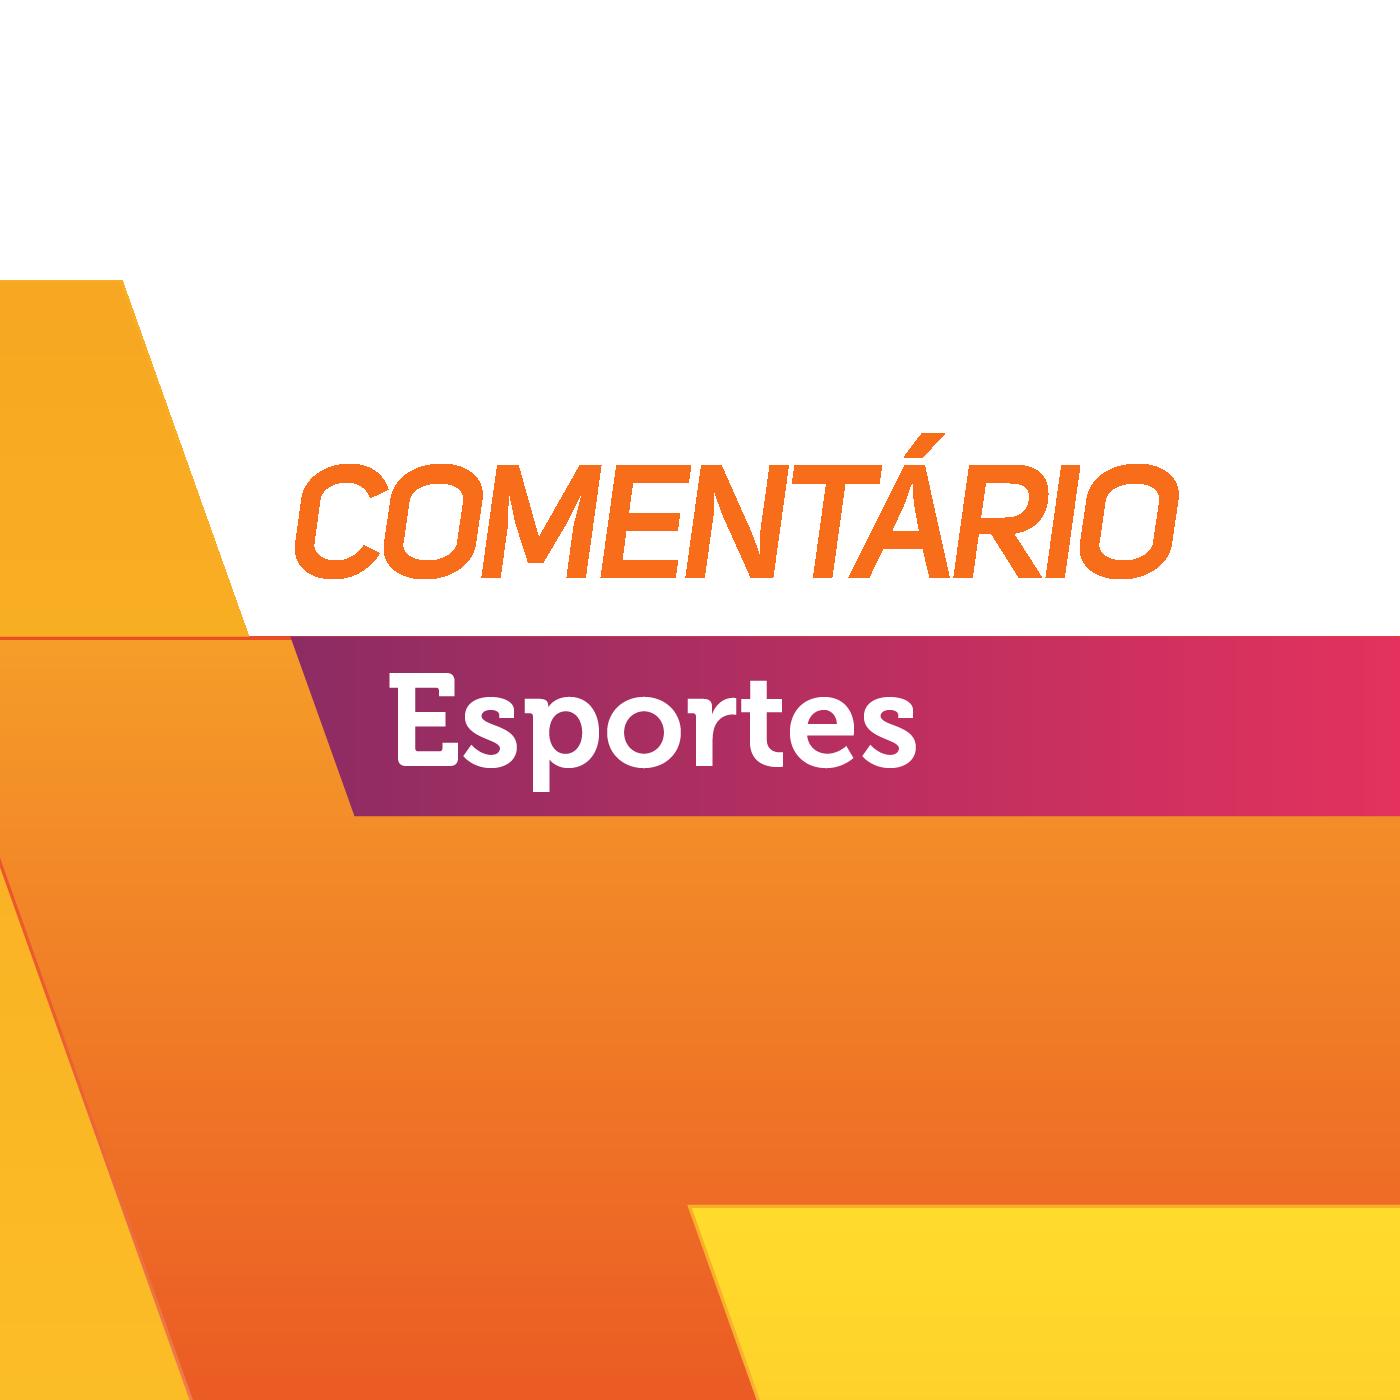 Cleber Grabauska comenta futebol no Gaúcha Repórter 25/05/2017